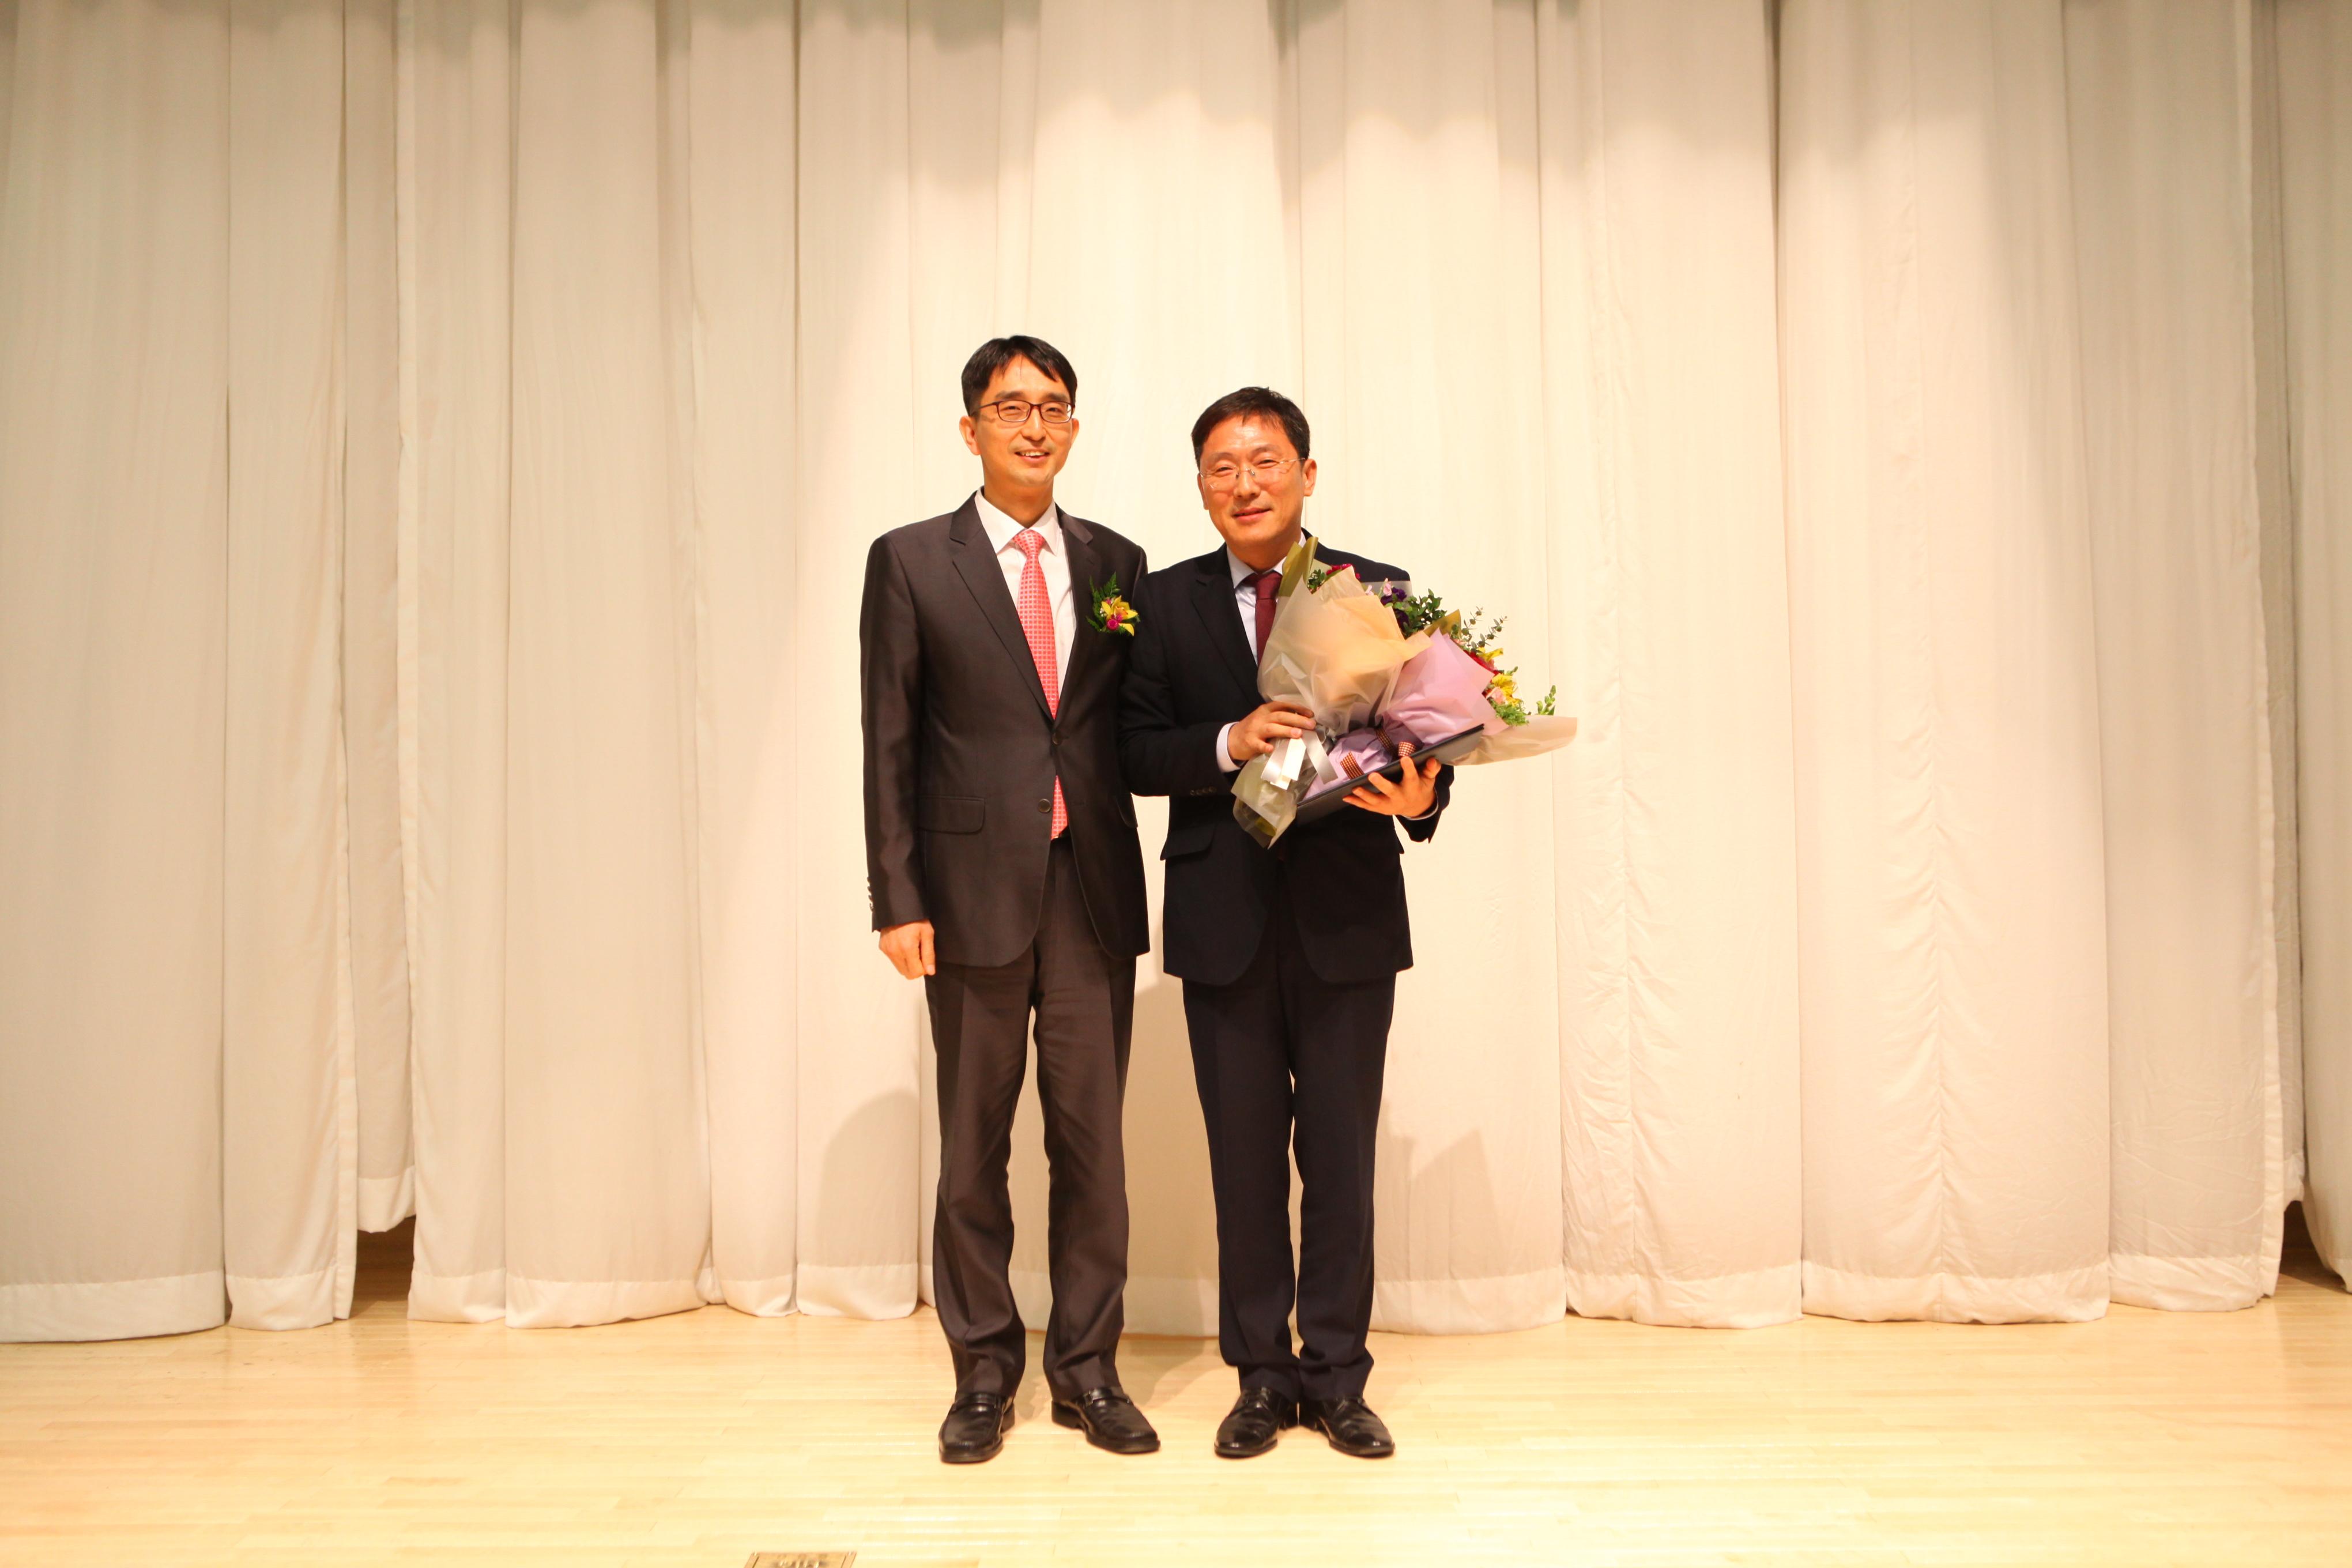 박종석 한국방송기술인연합회장과 2016 방송기술대상 특별상 수상자인 KBS 박승우